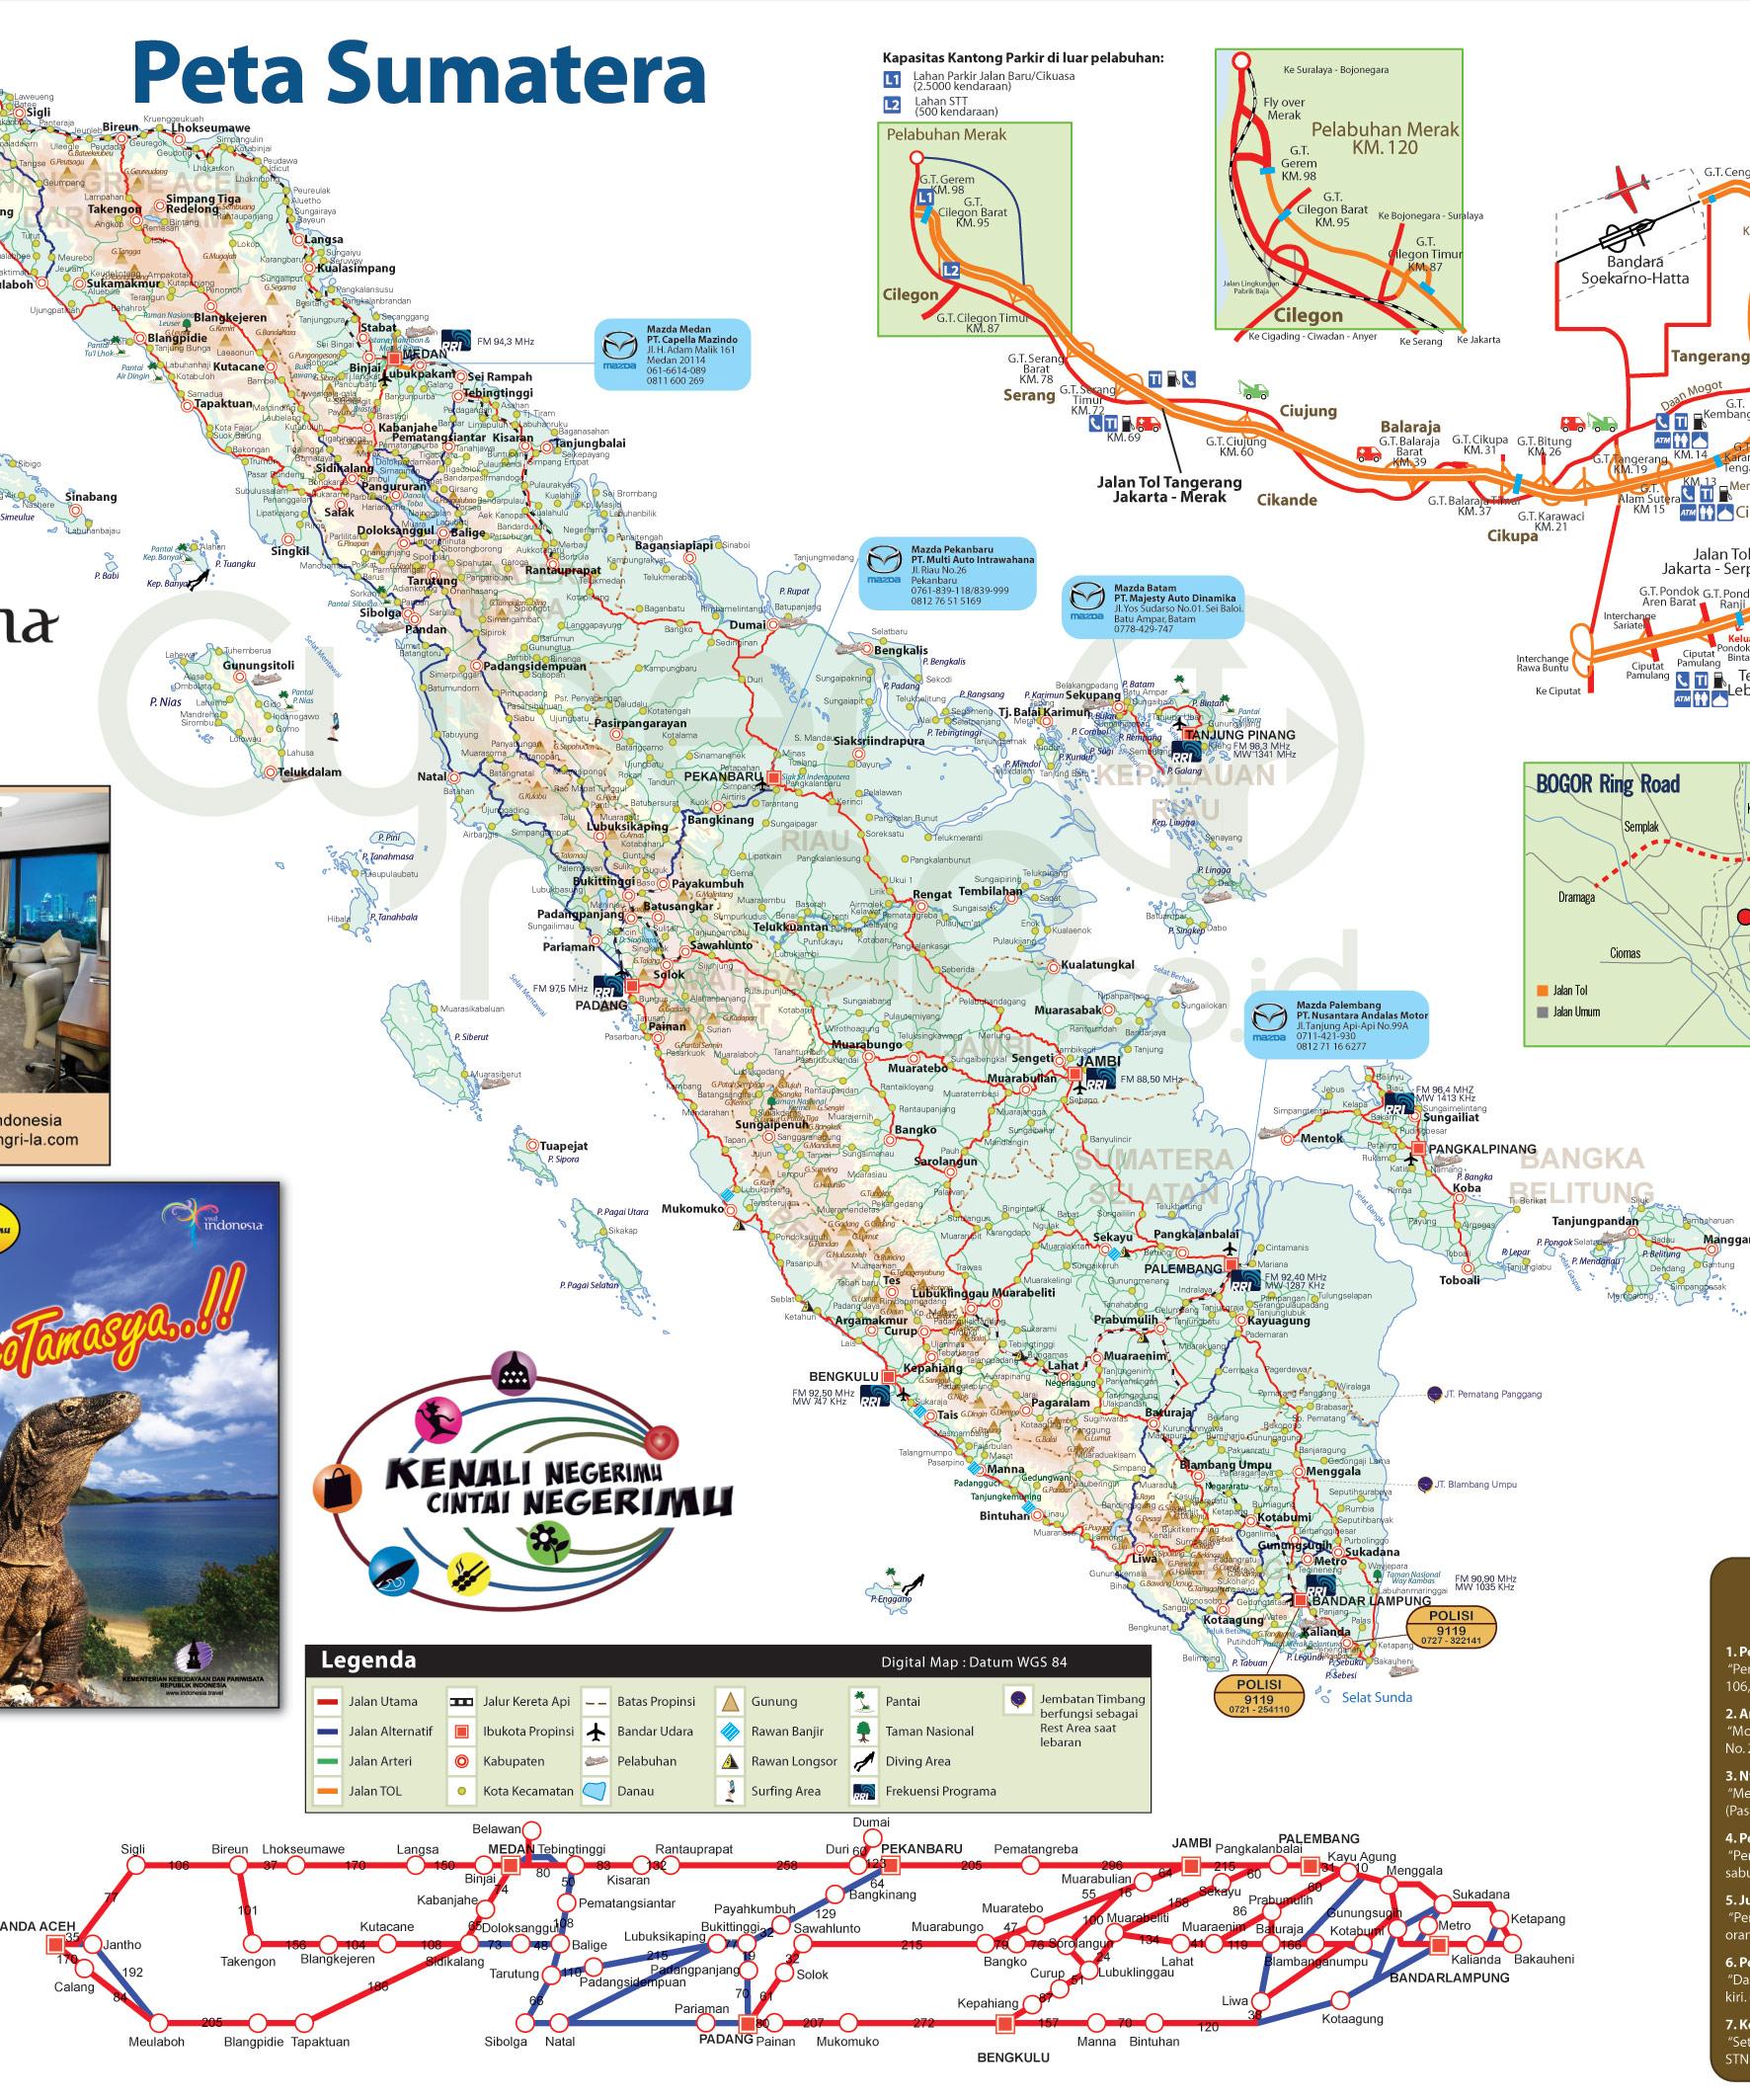 Download Peta Jalur Mudik 2010 (Sumatra-Jawa-Bali)